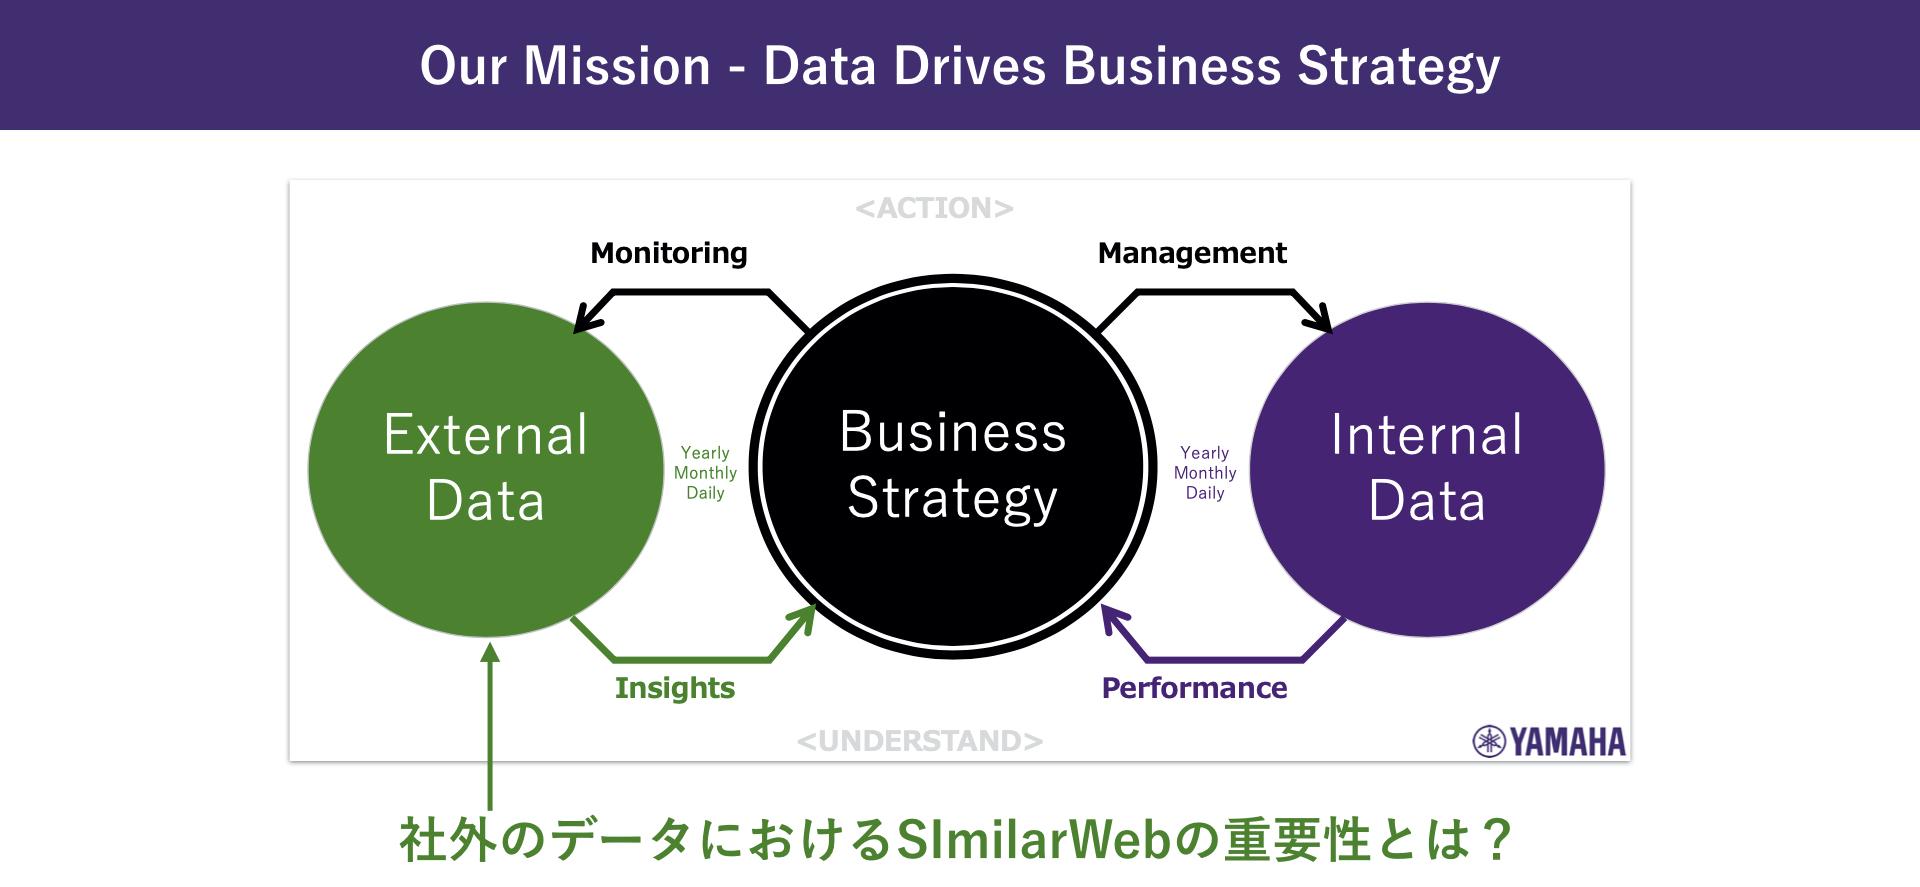 ヤマハ株式会社:濱崎司_Our Mission - Data Drives Business Strategy